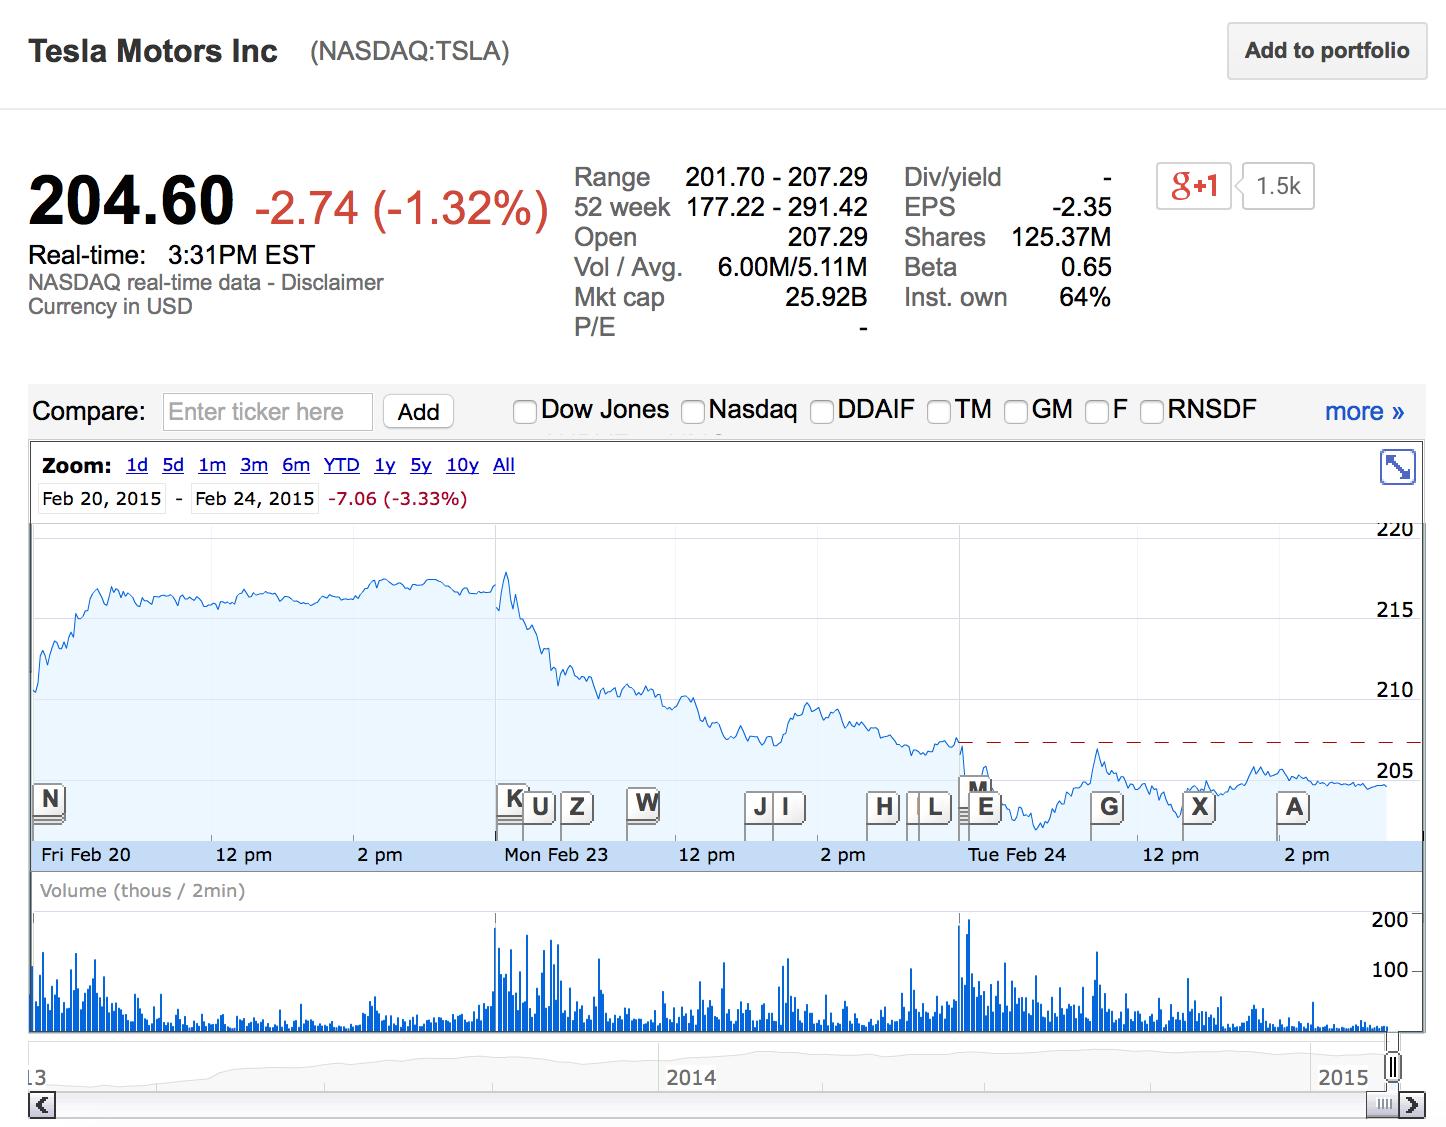 Le azioni Tesla sono scese sotto i 204, compratele